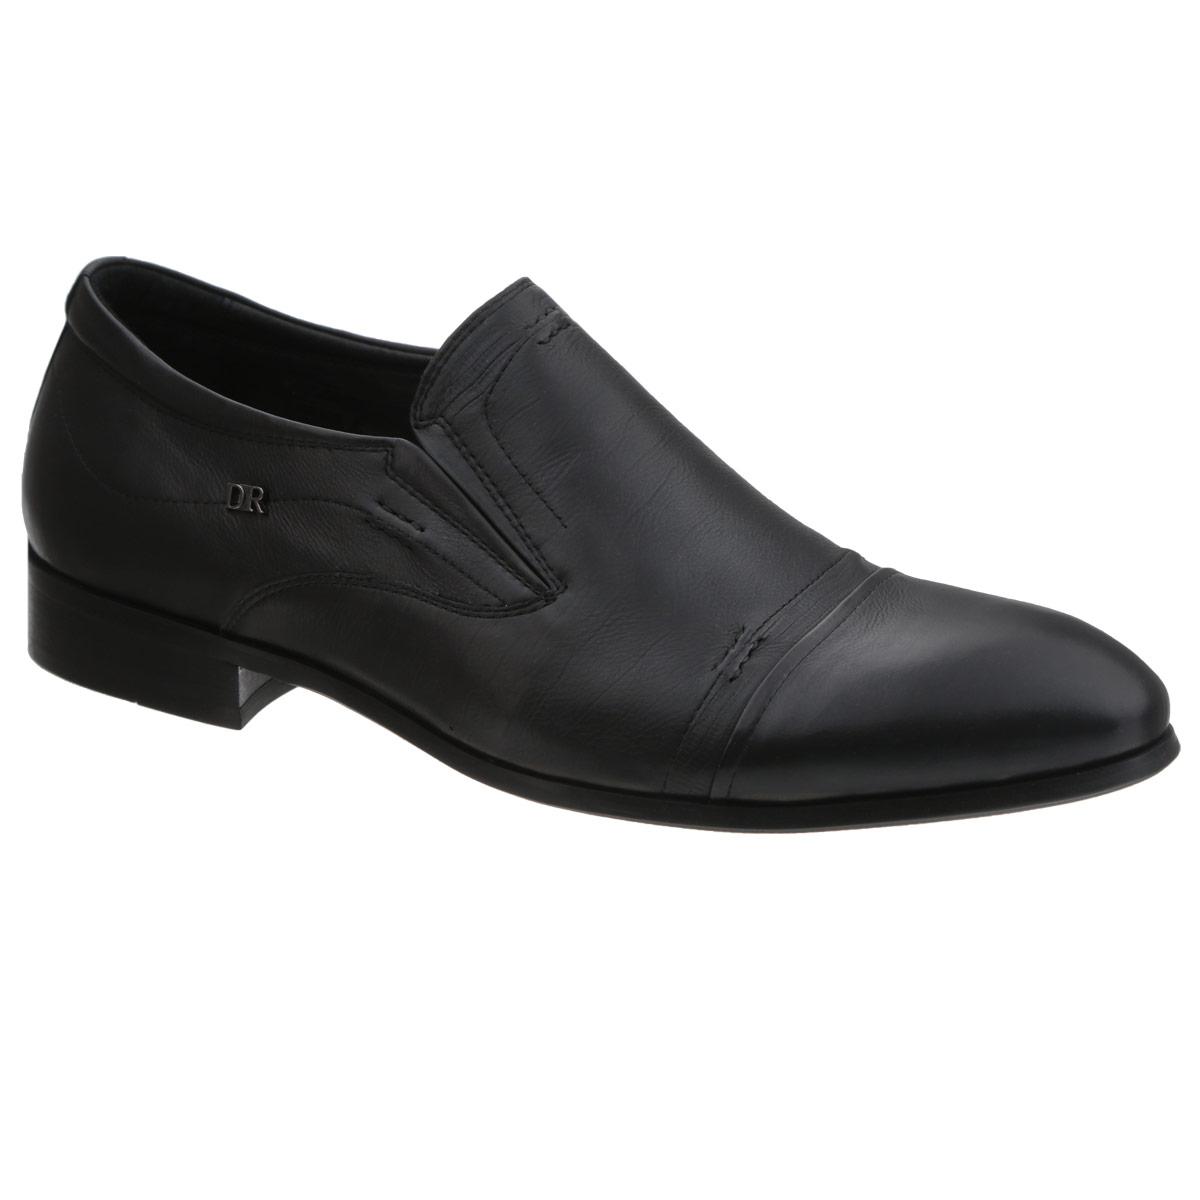 Туфли мужские. 101-167101-167-01Элегантные мужские туфли от Dino Ricci займут достойное место среди вашей коллекции обуви. Модель выполнена из натуральной высококачественной кожи и сбоку оформлена декоративным элементом из металла в виде логотипа бренда. Резинки, расположенные на подъеме, гарантируют оптимальную посадку модели на ноге. Стелька EVA с поверхностью из натуральной кожи оснащена перфорацией, позволяющей вашим ногам дышать. Умеренной высоты каблук и подошва с рифлением обеспечивают отличное сцепление с поверхностью. Изысканные туфли станут прекрасным завершением вашего модного образа.